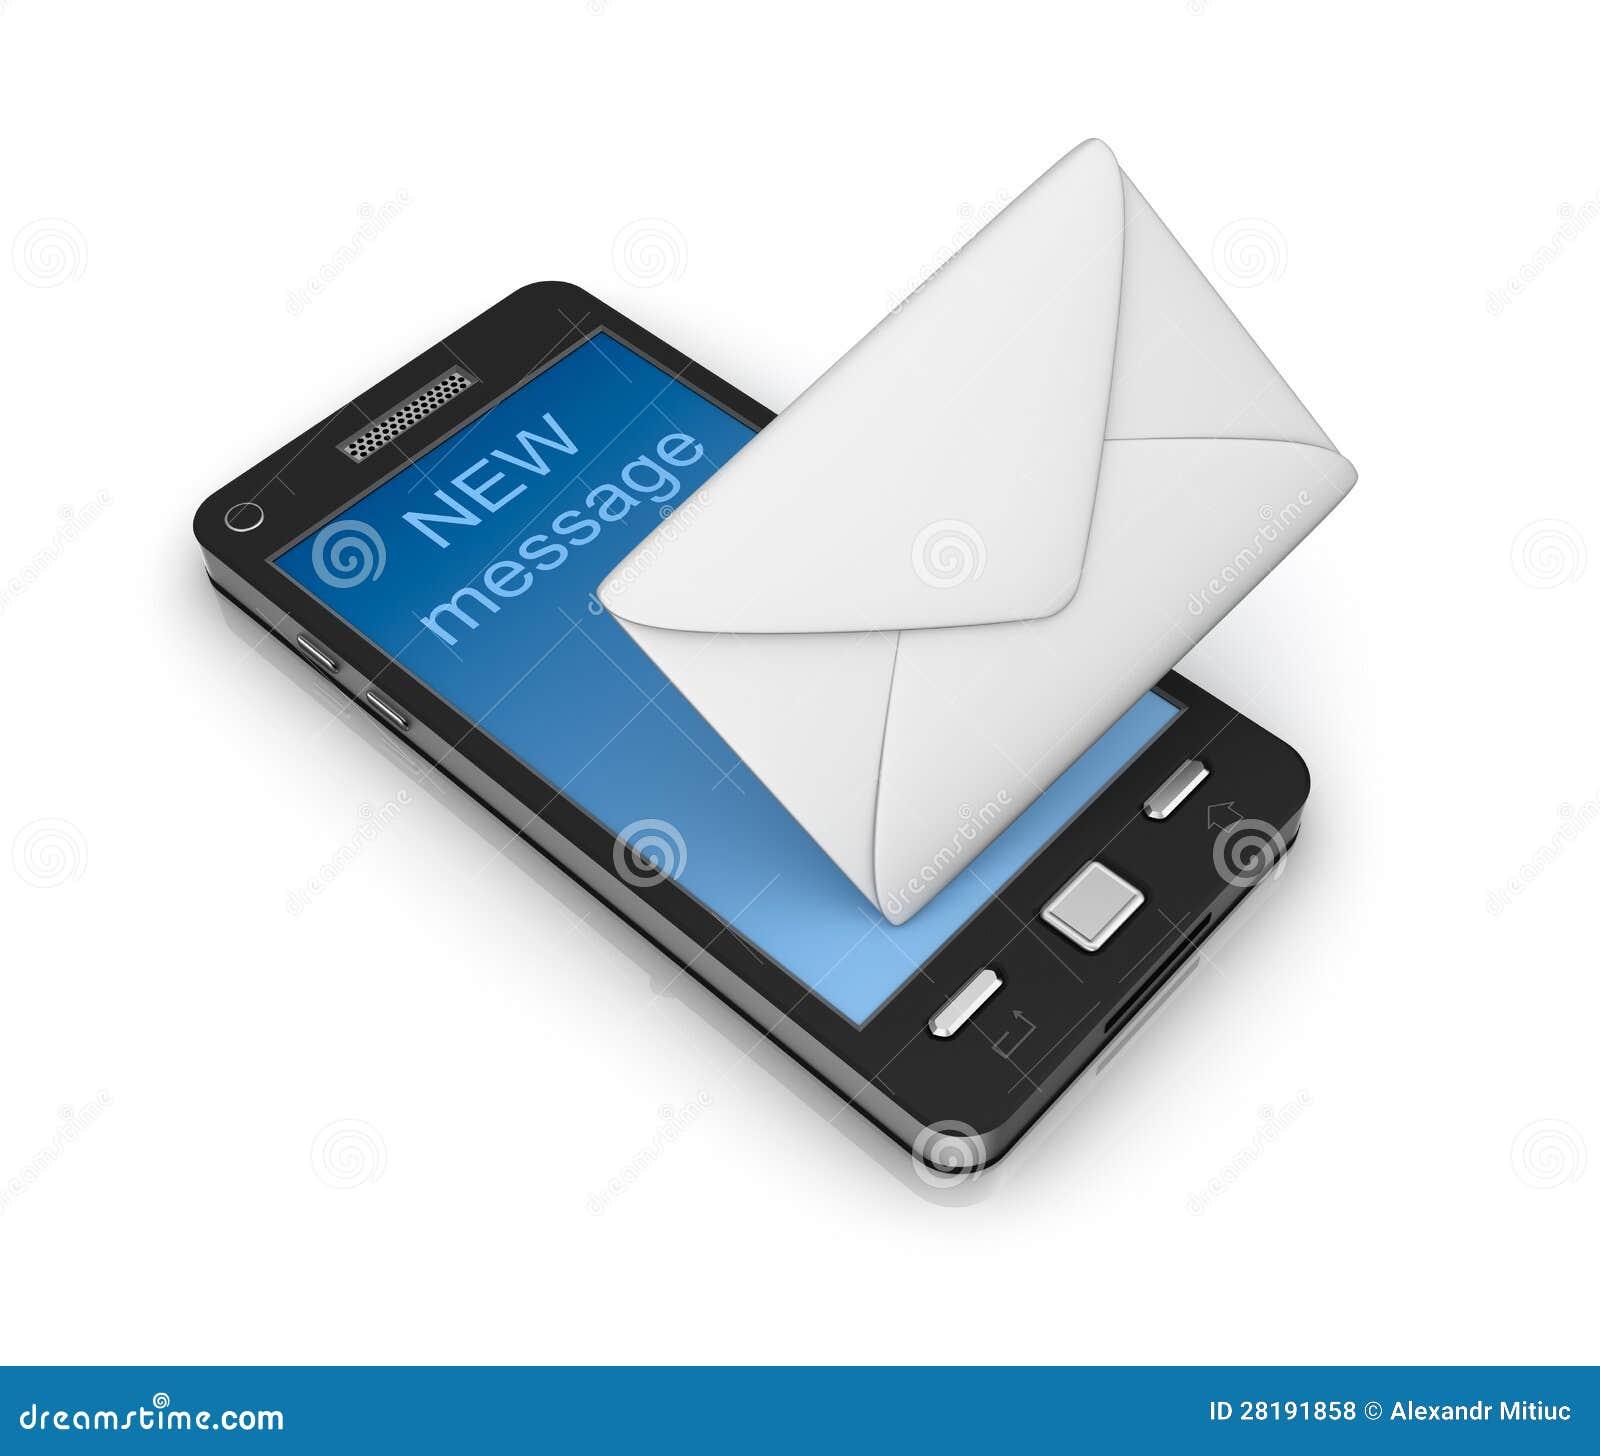 Έννοια εικονιδίων τηλεφωνικού ηλεκτρονικού ταχυδρομείου κυττάρων. στο λευκό.